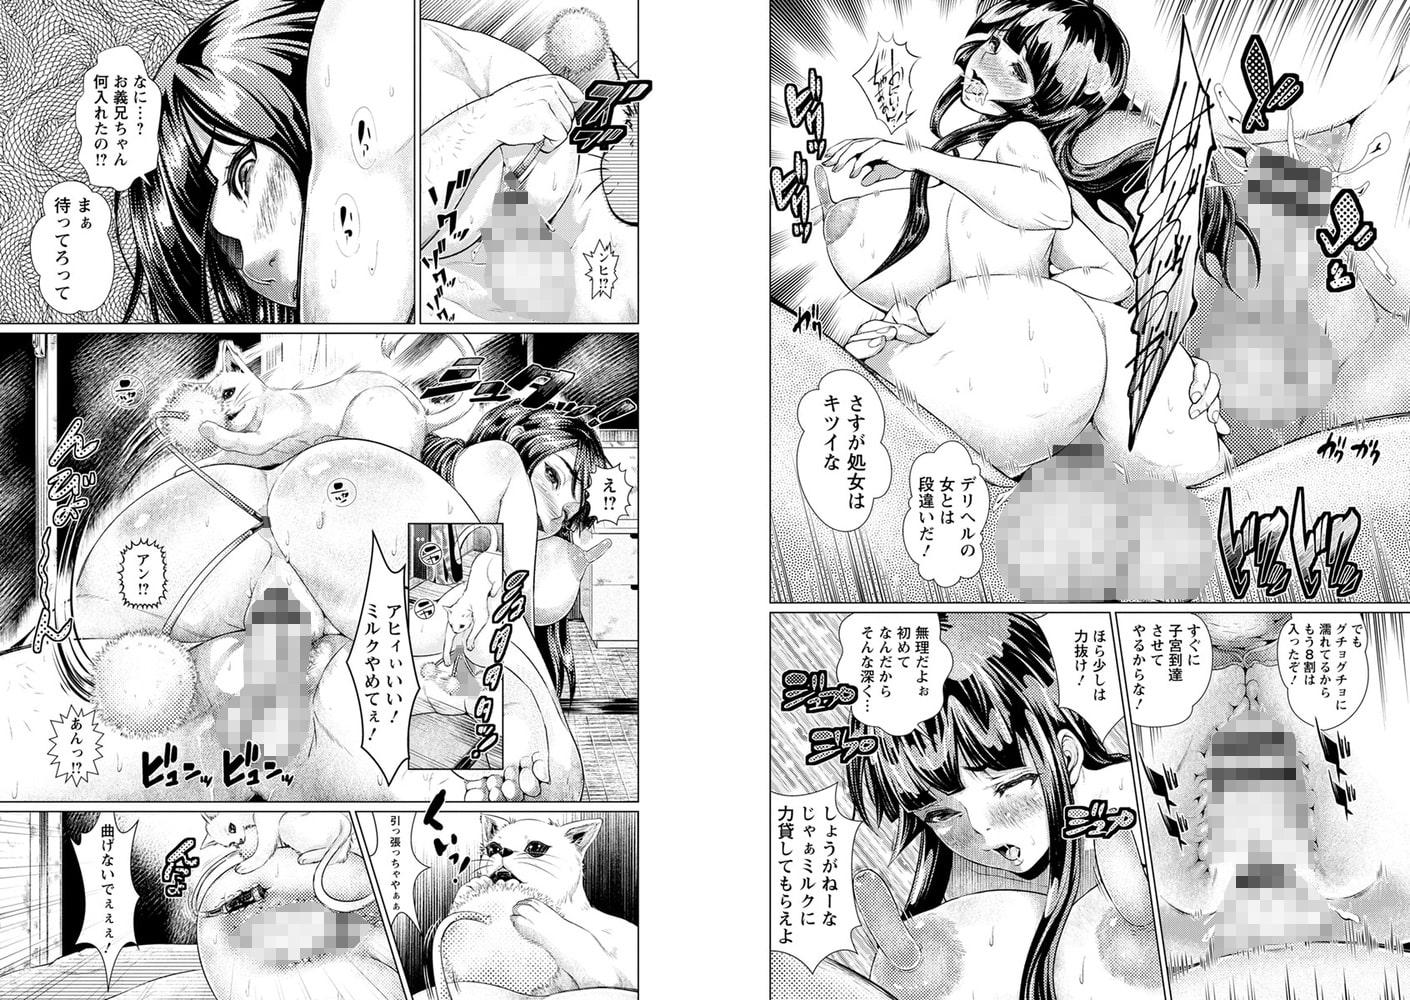 マゾ穴折檻 躾けられた女たちのサンプル画像9